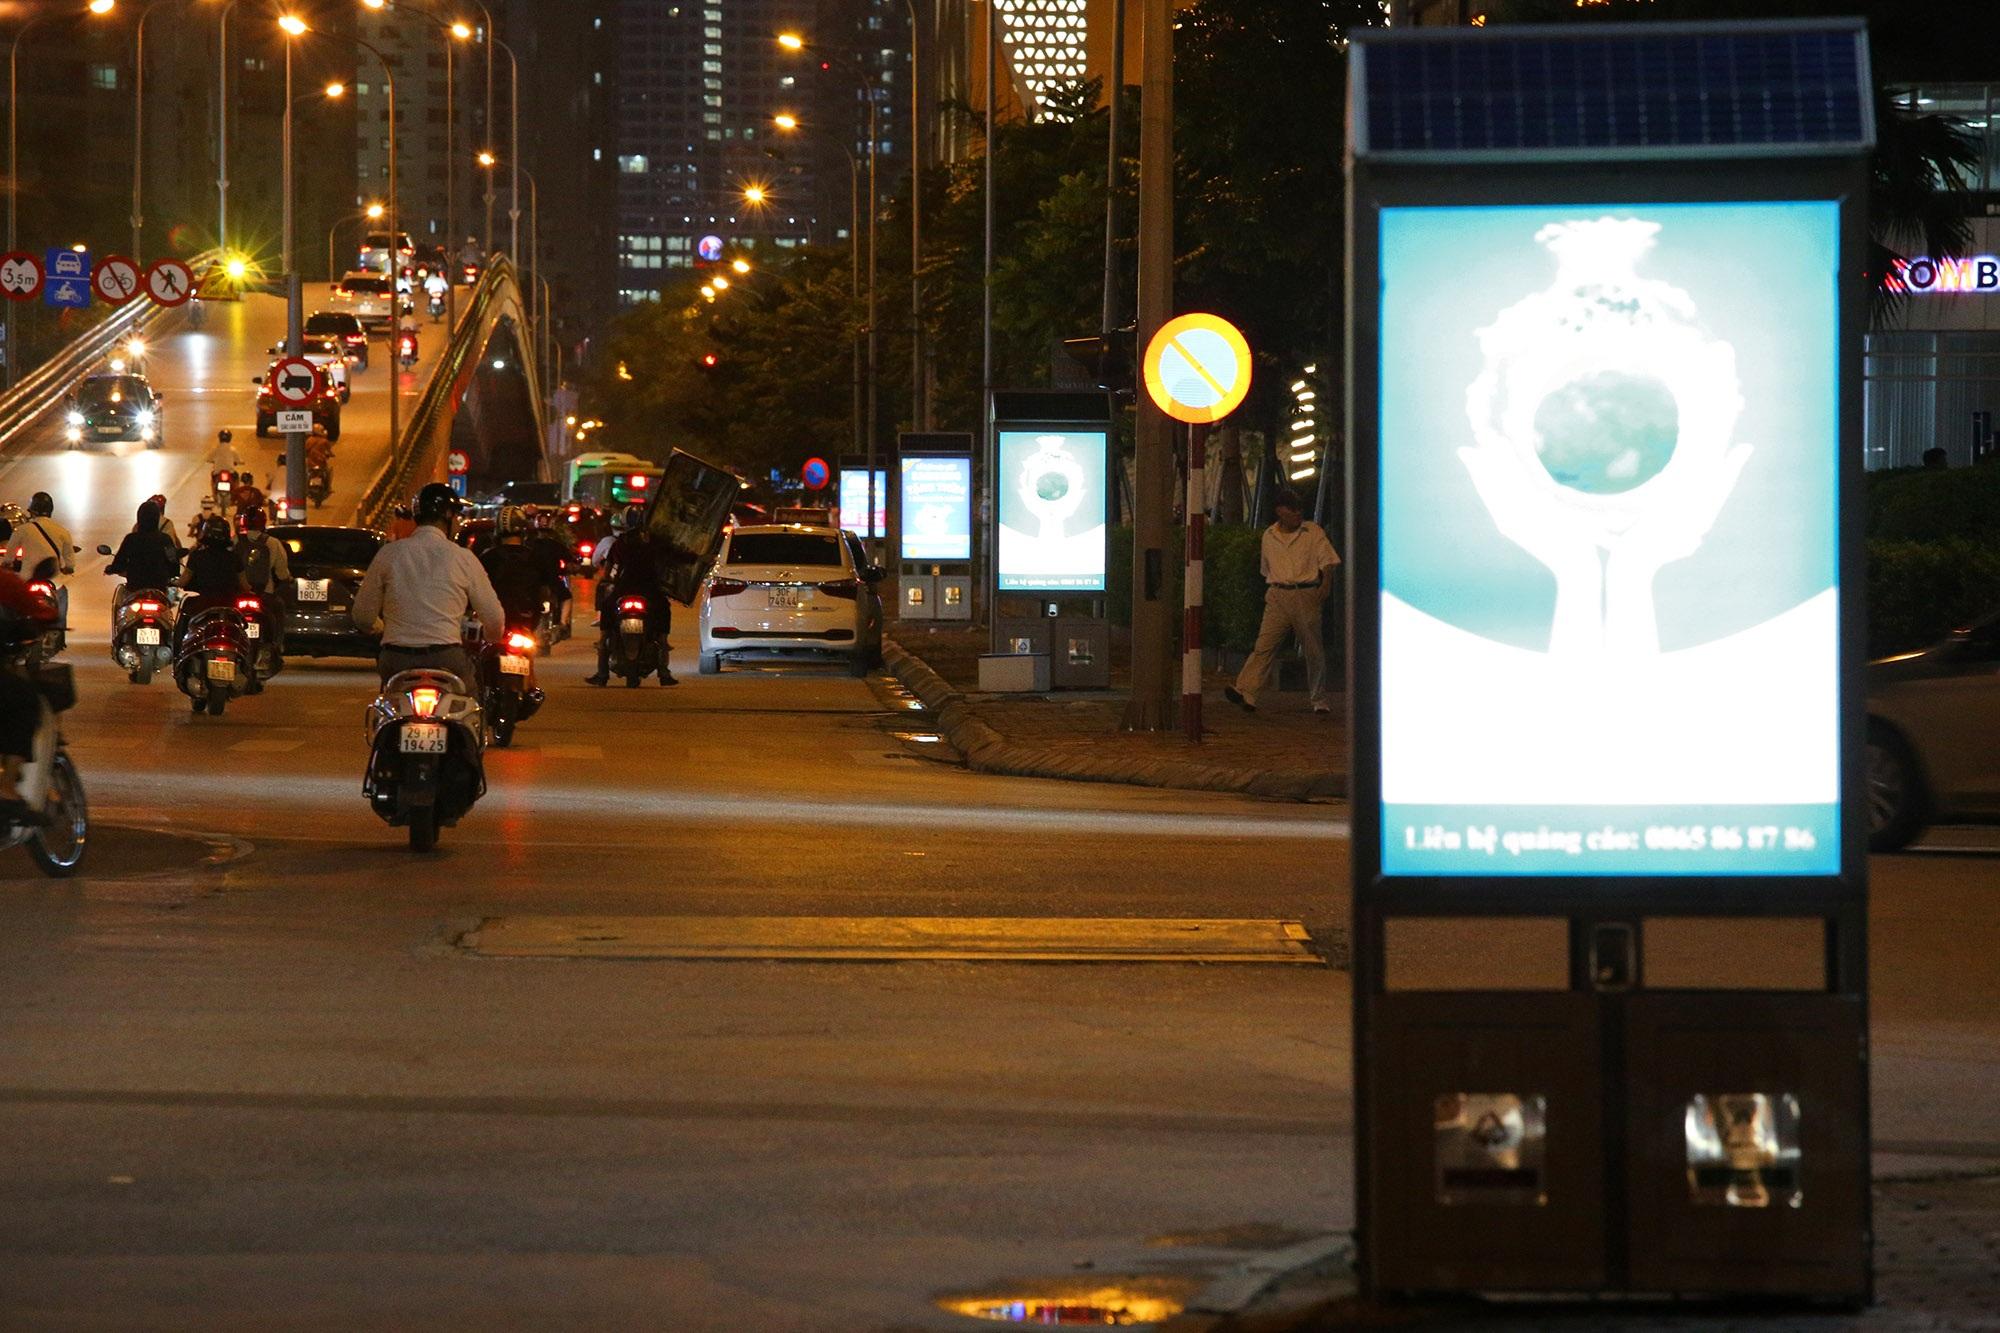 Hàng nghìn thùng rác phát sáng về đêm được lắp đặt tại Hà Nội - 13